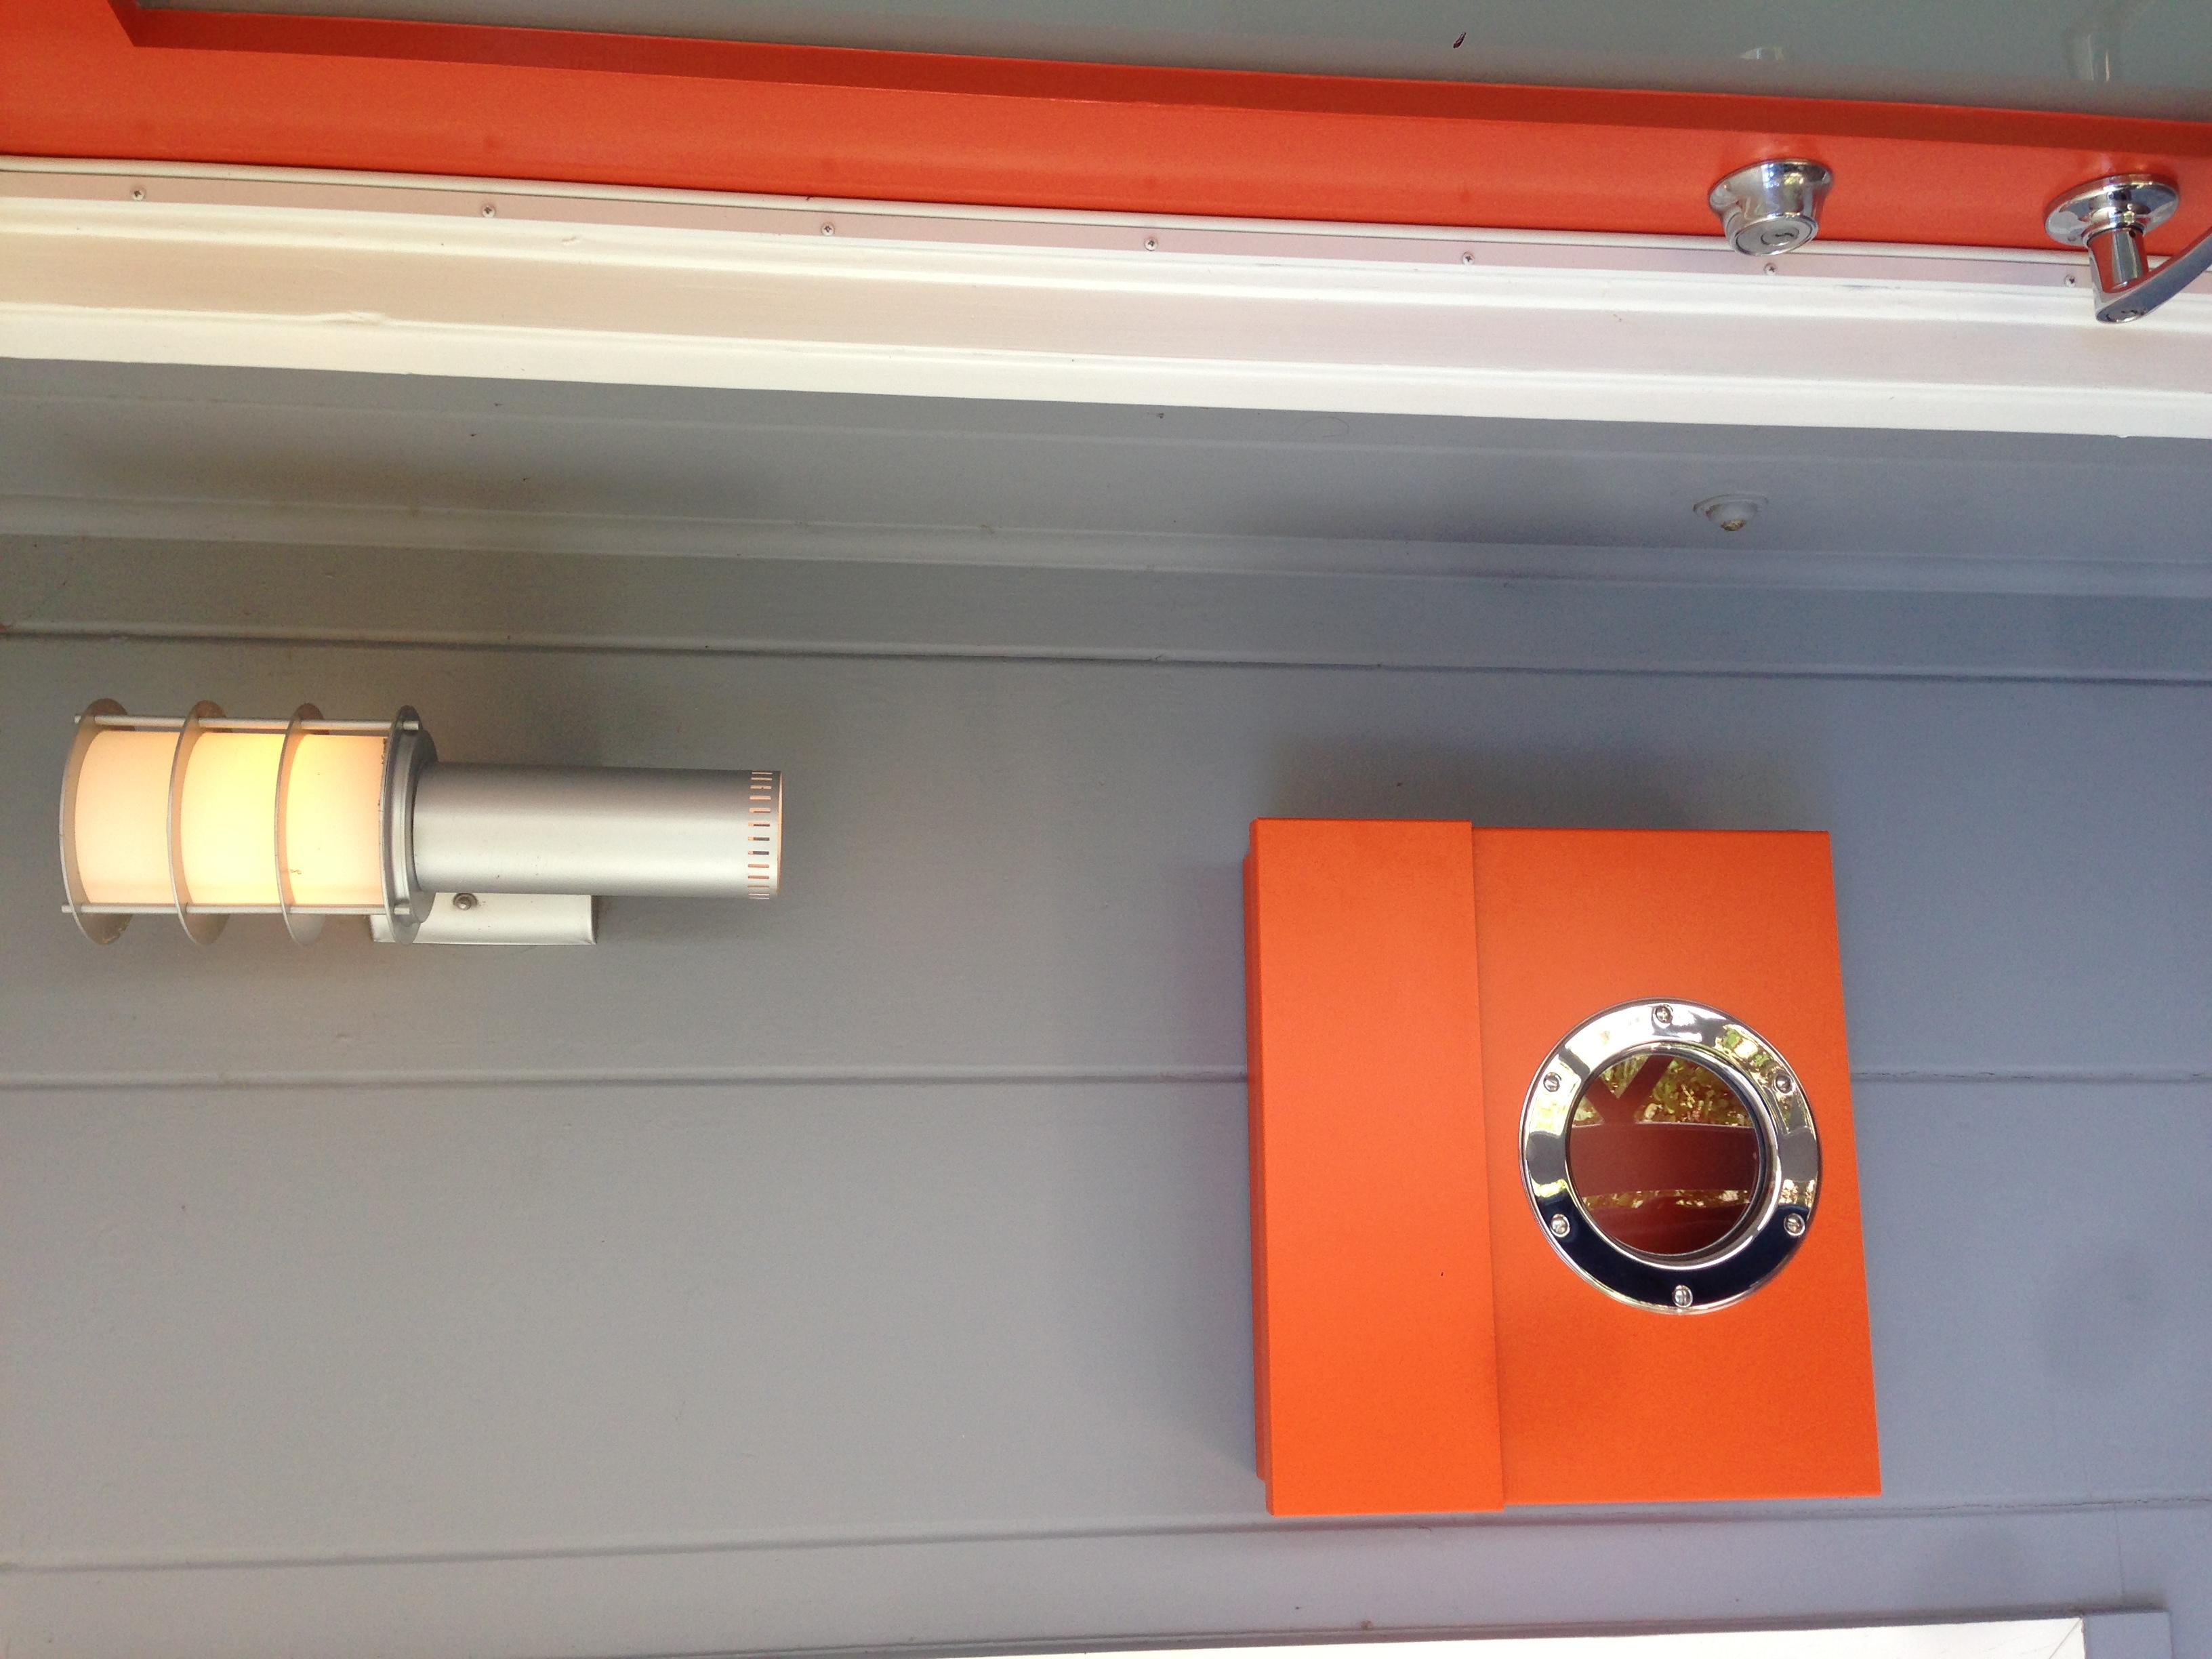 oranger-letterman-client-by-door-2.jpeg